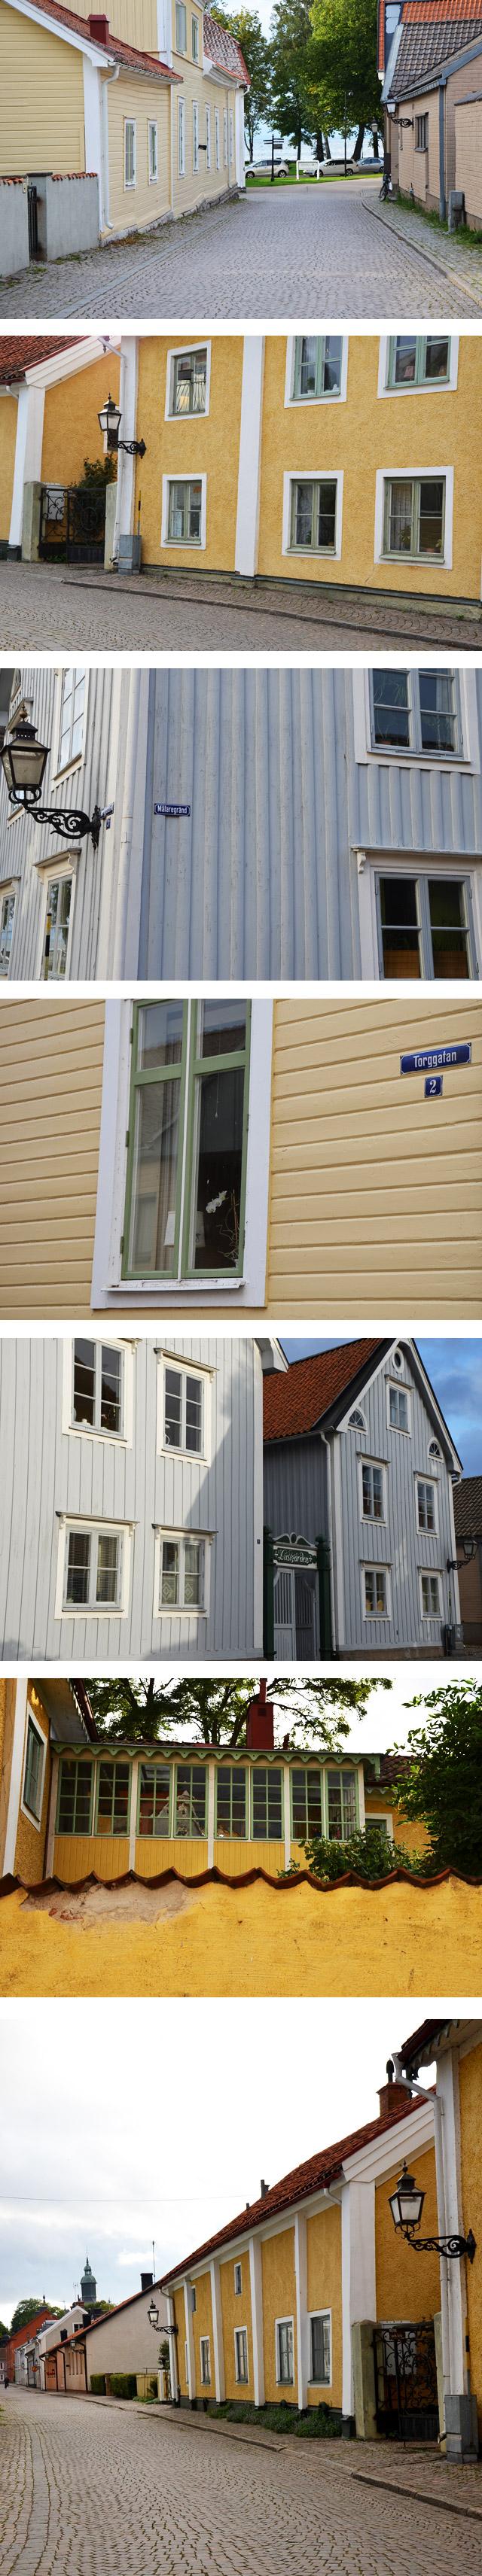 Mon road trip en Suède #5 : Vadstena